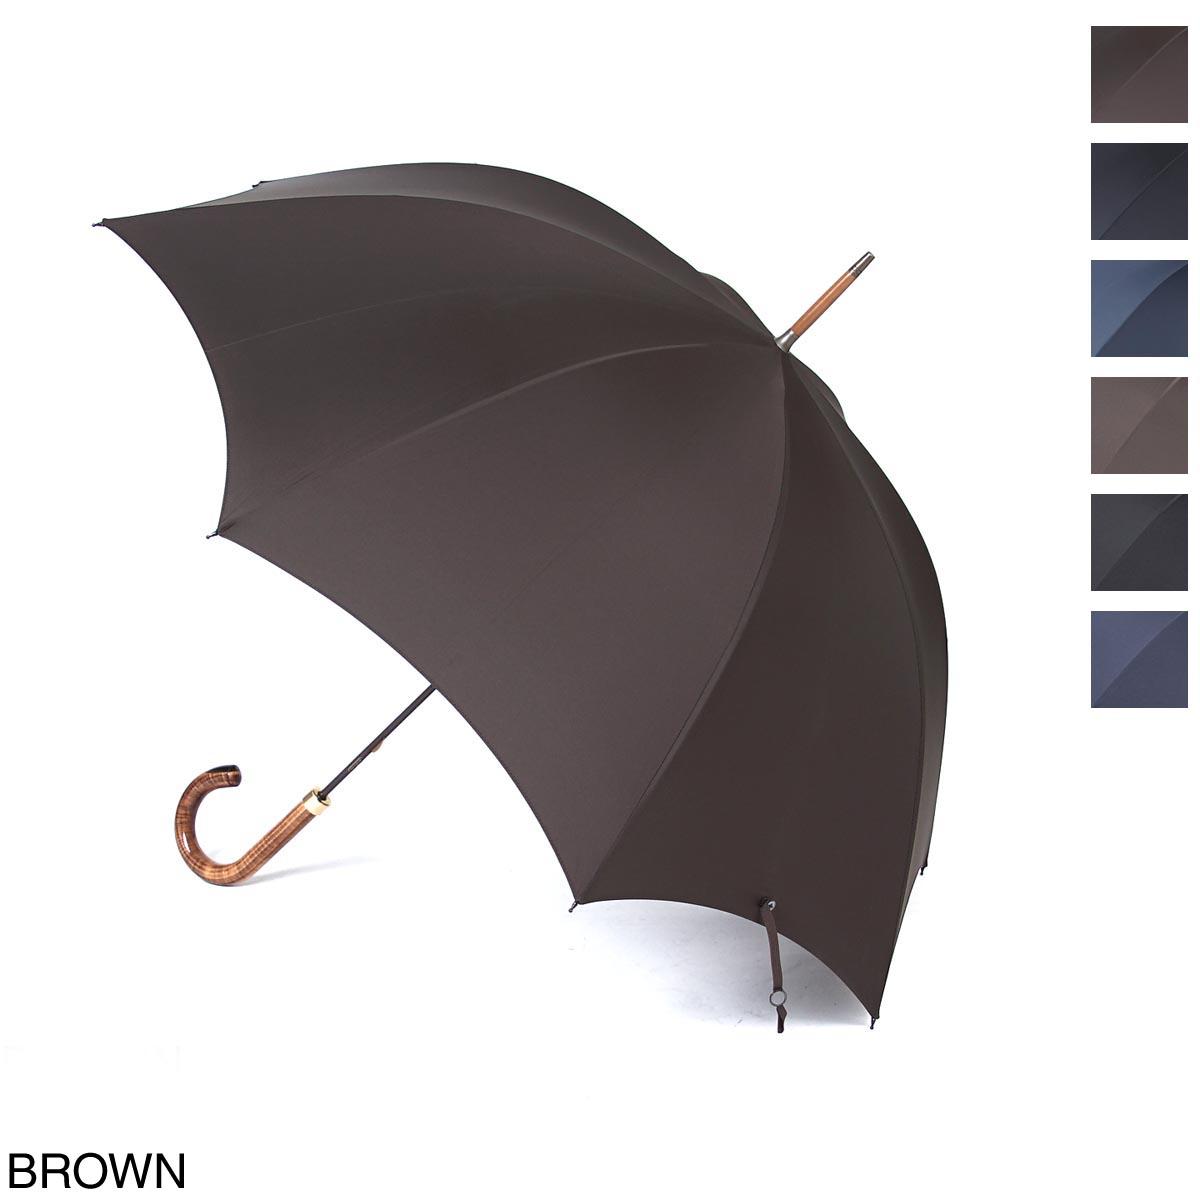 フォックスアンブレラズ FOX UMBRELLAS 傘 メンズ gt18 singlehorn brown GT18 Horn Inset Handle Umbrella【あす楽対応_関東】【返品送料無料】【ラッピング無料】